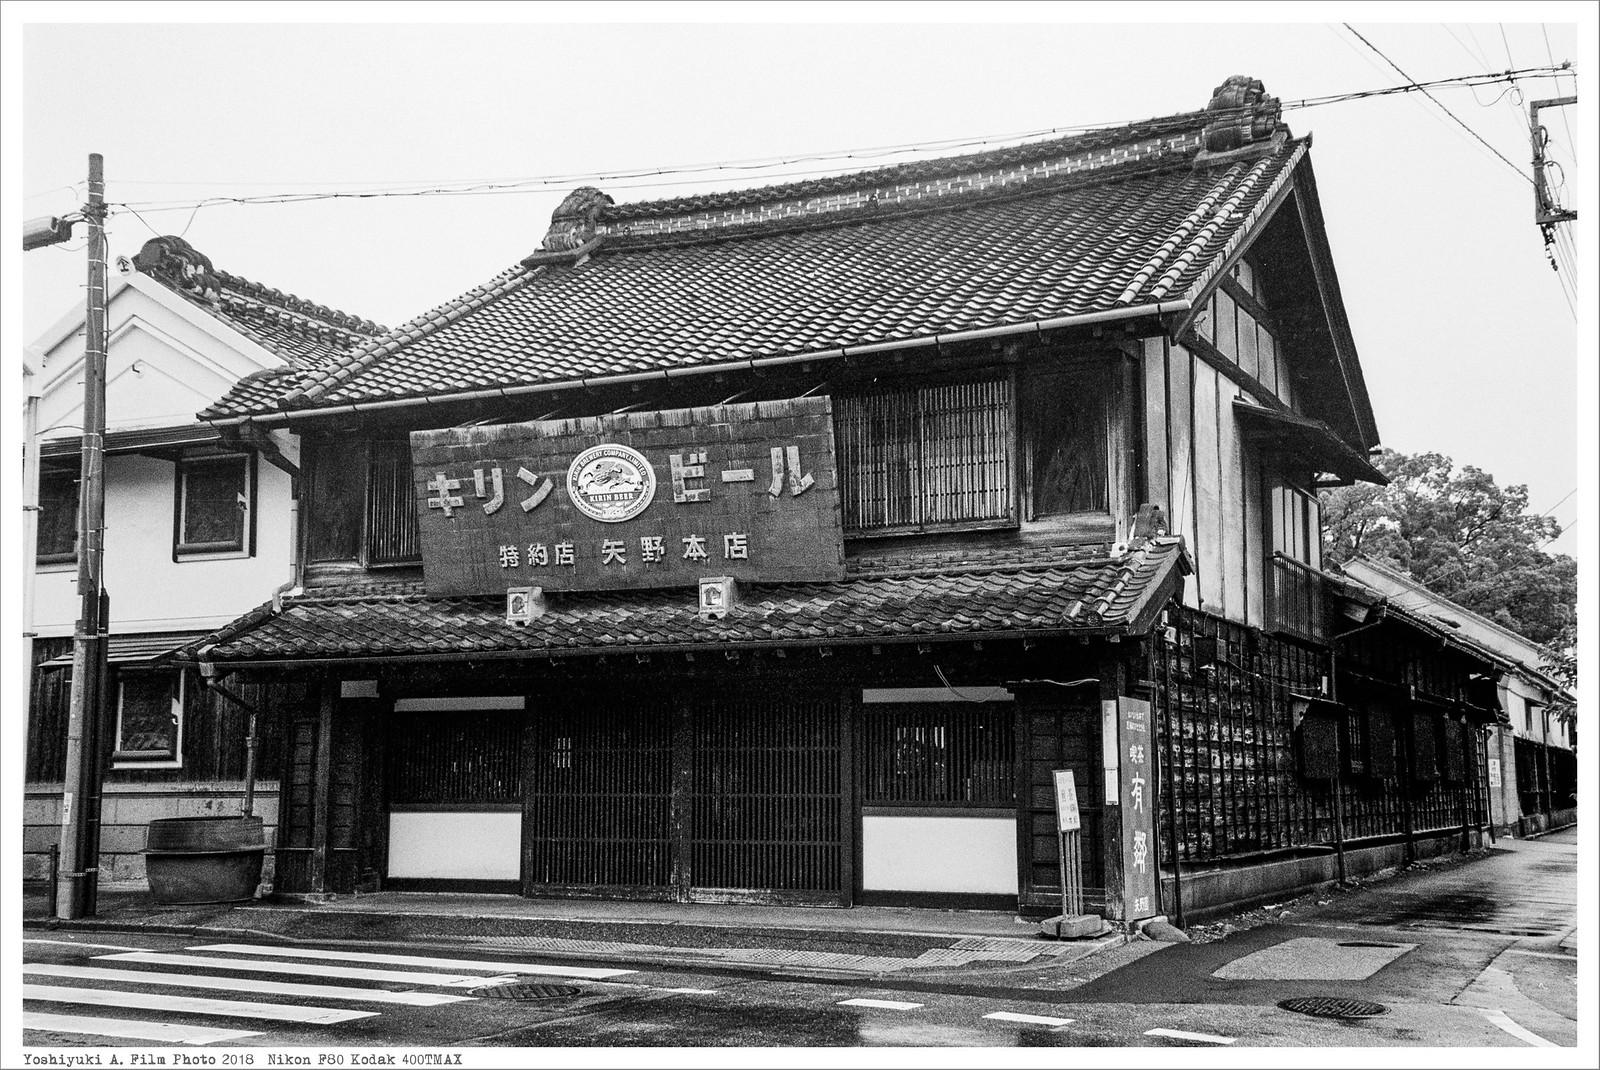 群馬県 桐生市 Nikon_F80_Kodak_400TMAX__25